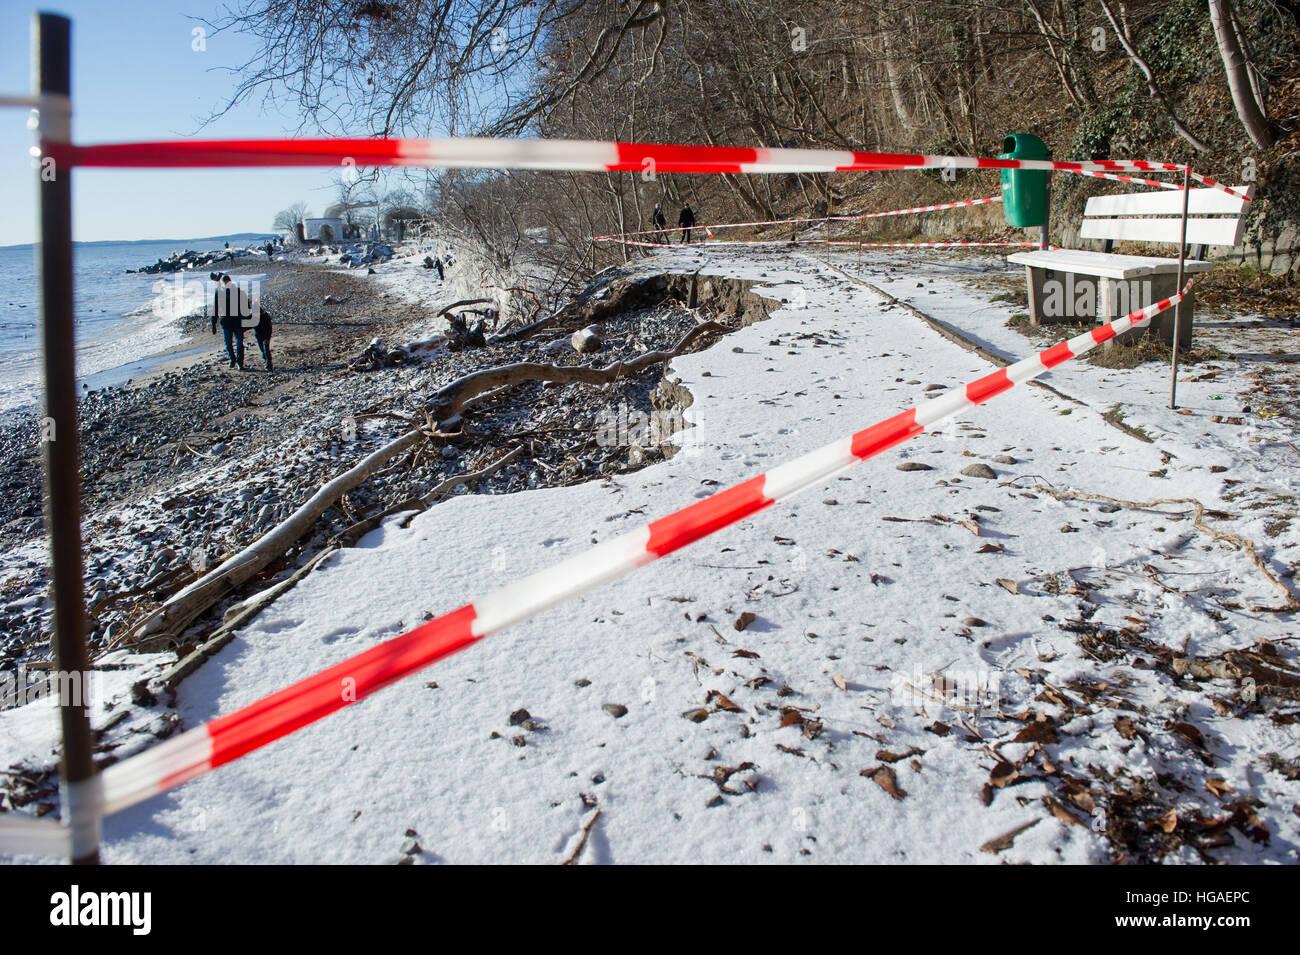 Karlsruhe, Allemagne. 06 Jan, 2017. Un chemin s'est effondré à Sassnitz, Allemagne, 06 janvier 2017. Photo Stock